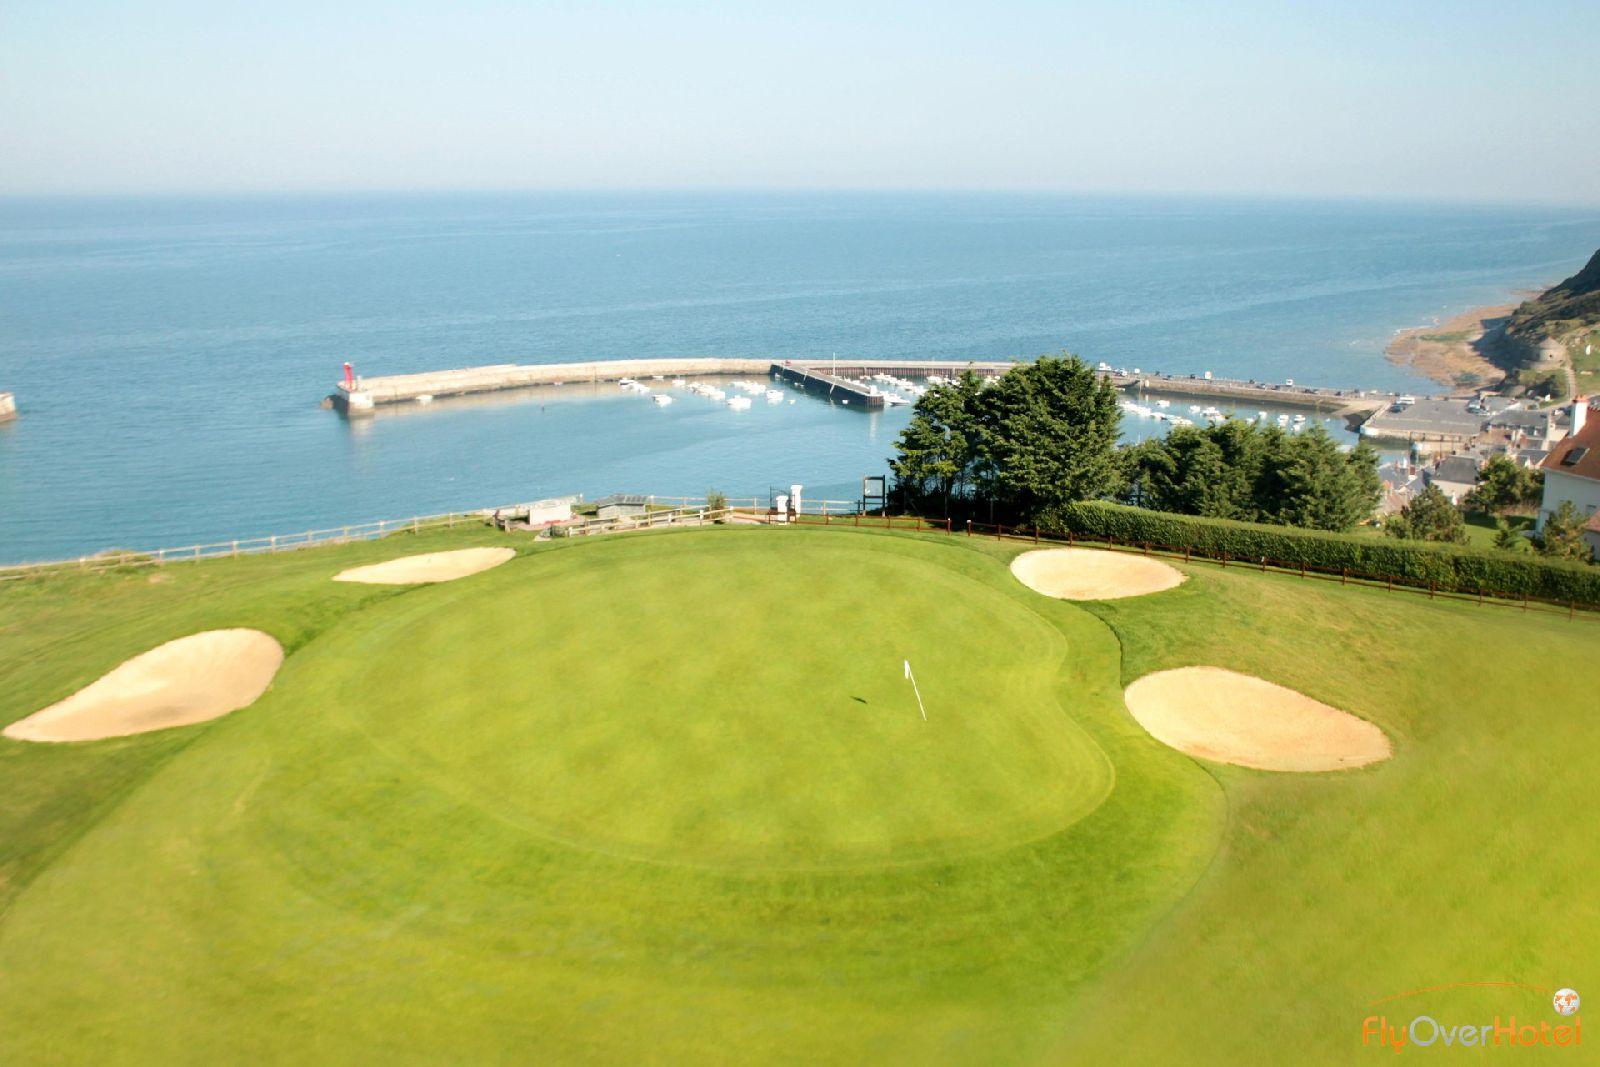 golf-expedition-golf-reizen-frankrijk-regio-normandië-hotel-mercure-omaha-beach-golfbaan-green-bunkers-gelegen-aan-zee-haven.jpg